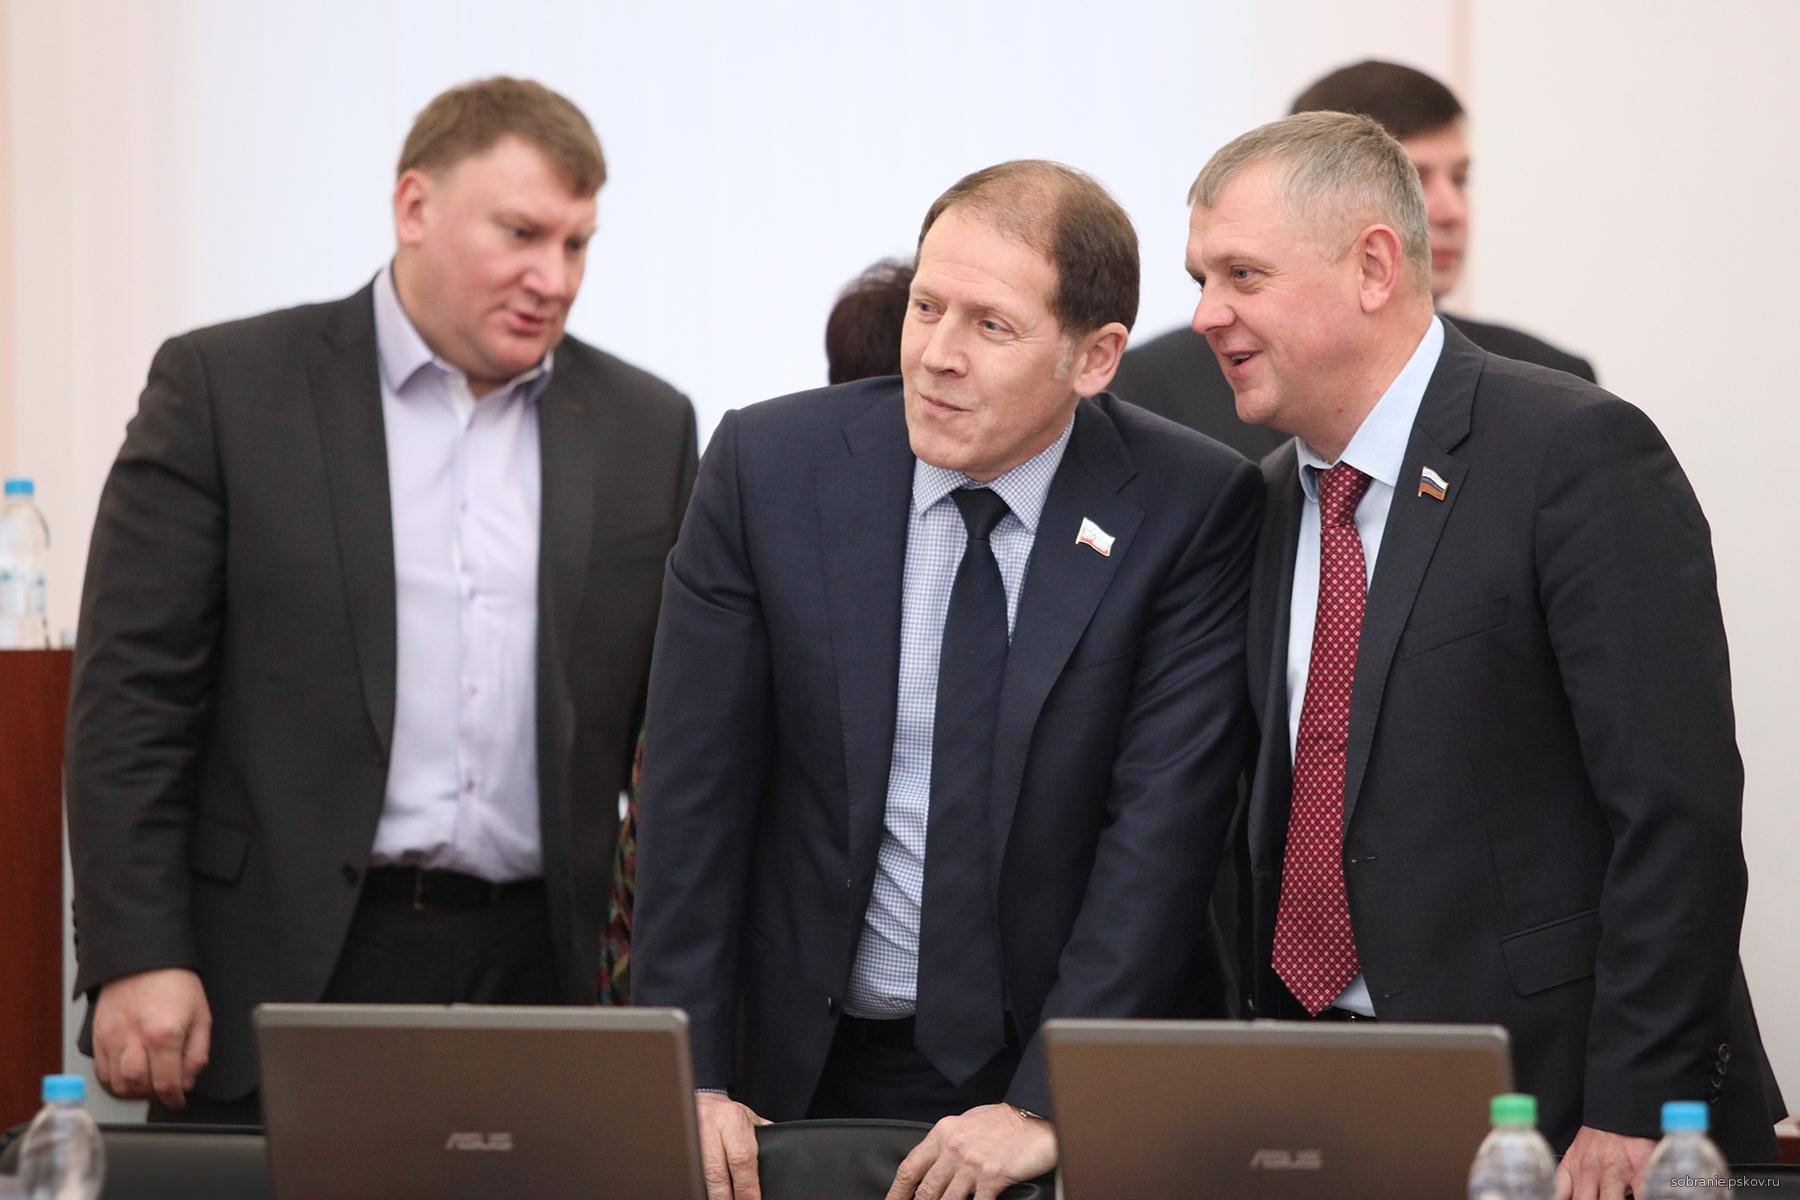 Юрий Сорокин (в центре) занял ставший вакантным пост вице-спикера